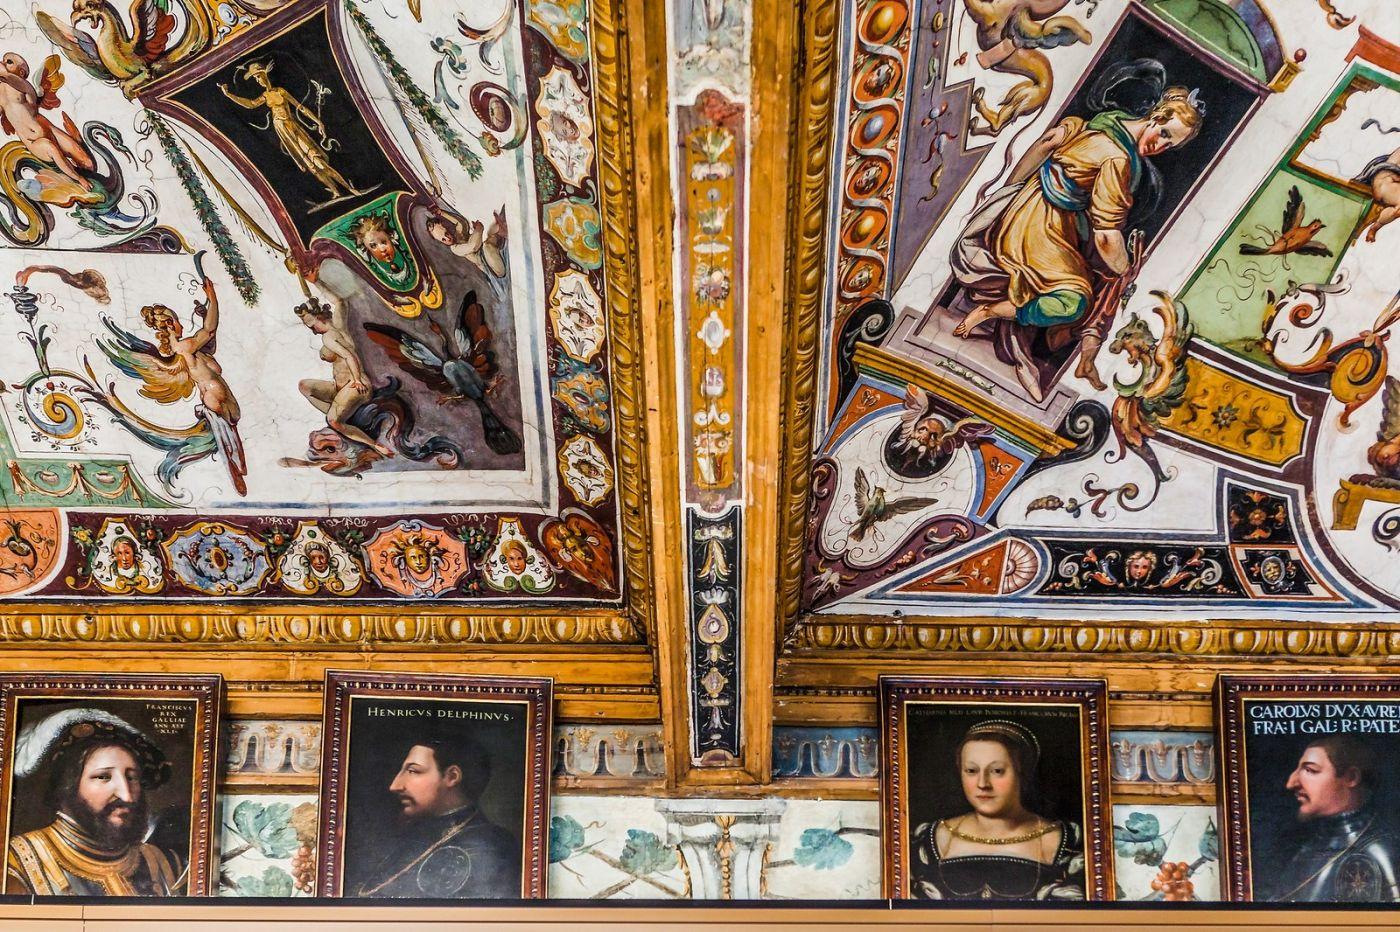 意大利佛罗伦斯乌菲兹美术馆, 藏品大展_图1-37